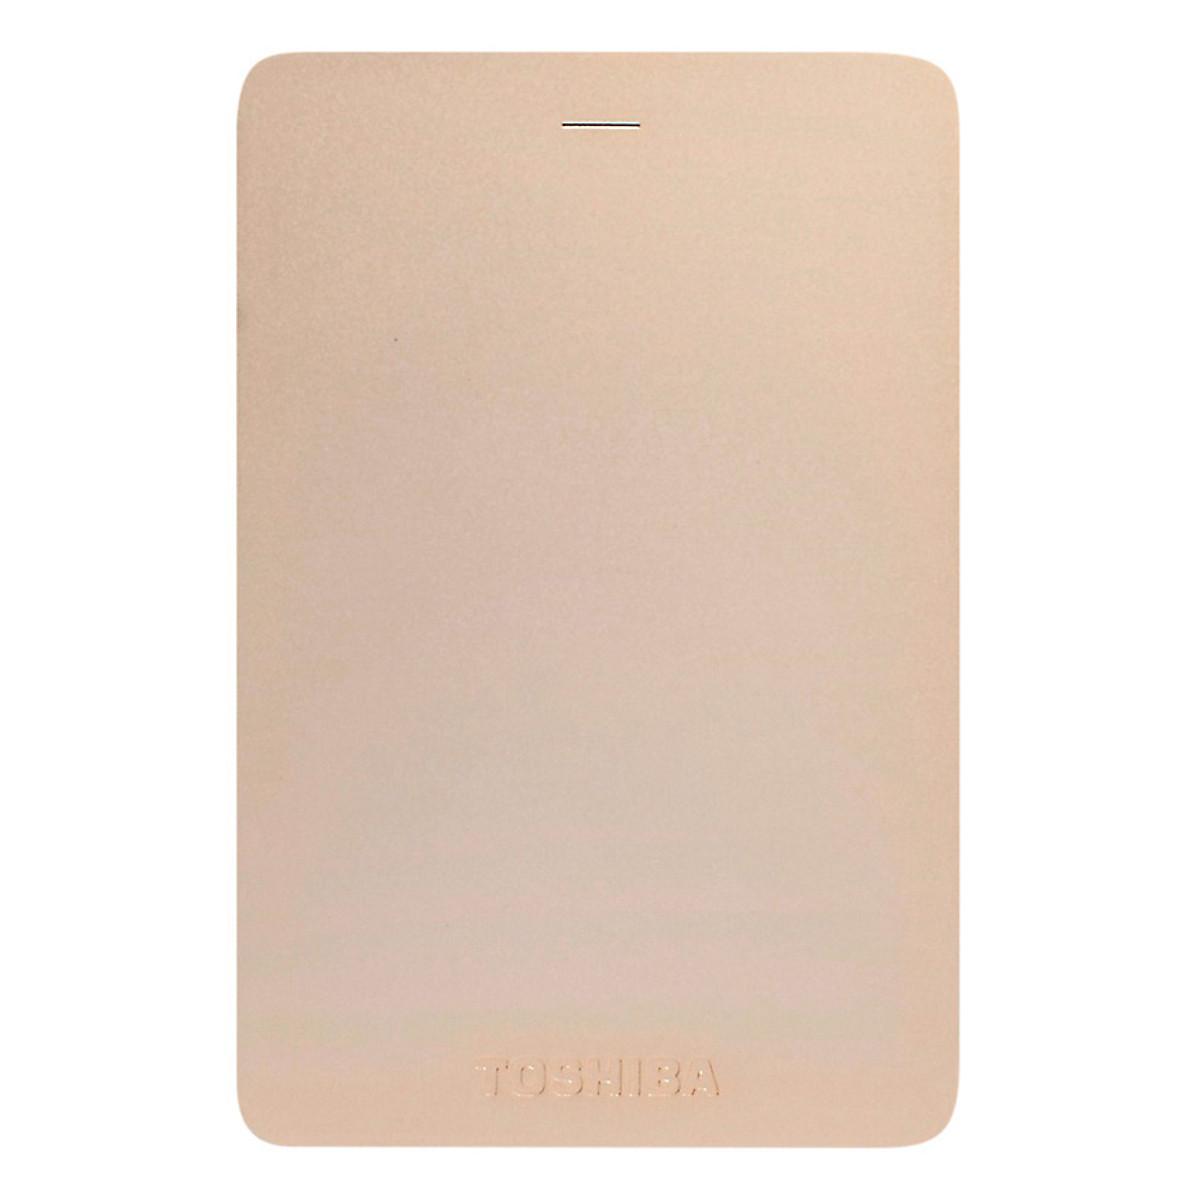 Ổ Cứng Di Động Toshiba CANVIO ALUMY 1TB – USB 3.0 – Hàng Chính Hãng